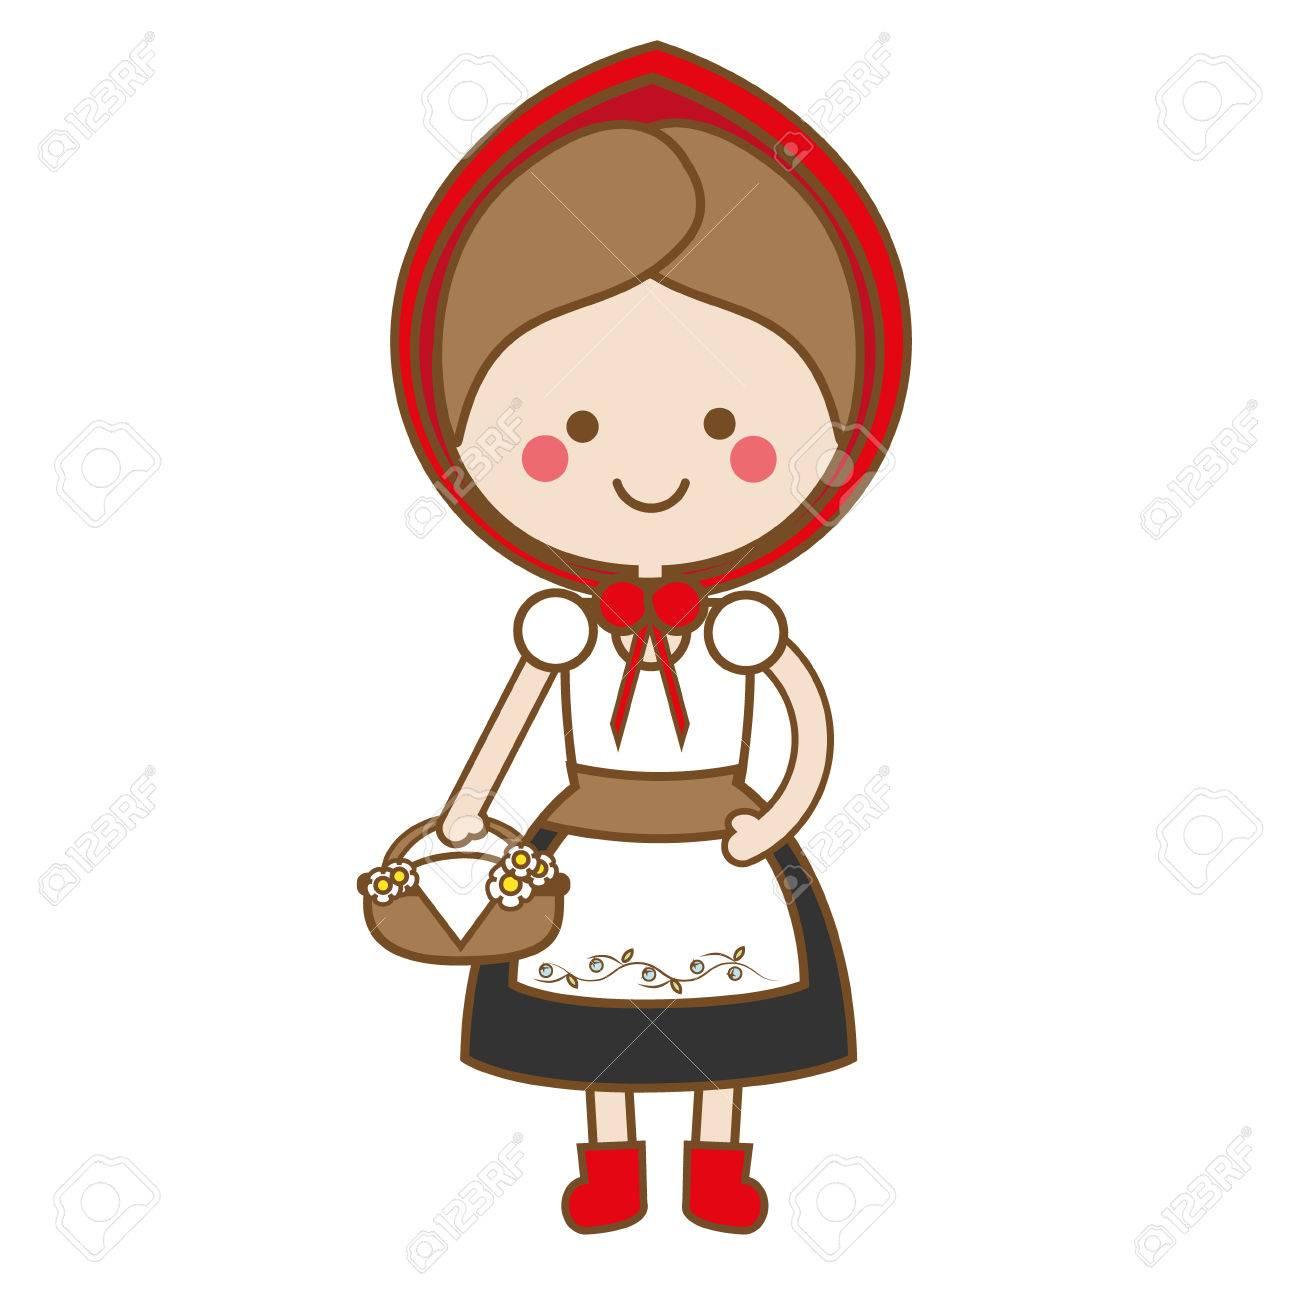 Lindo Kawaii Caperucita Roja En Estilo De Dibujos Animados Ilustración Vectorial Personaje De Cuento De Hadas Etiqueta Niños Vector Ilustración